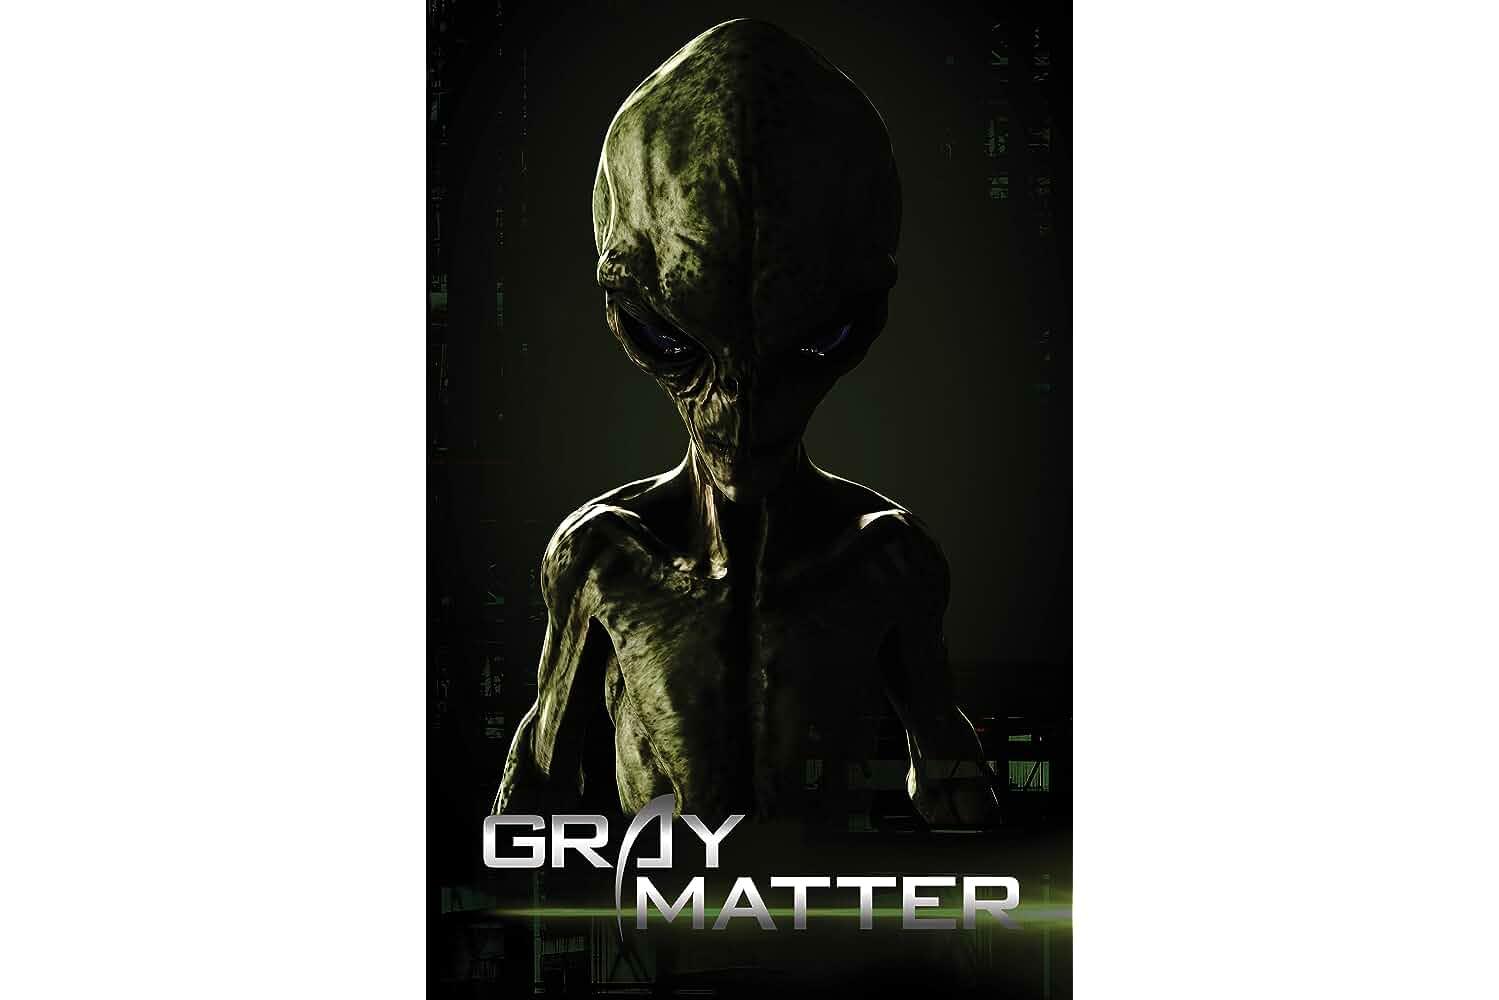 Gray Matter (2018)